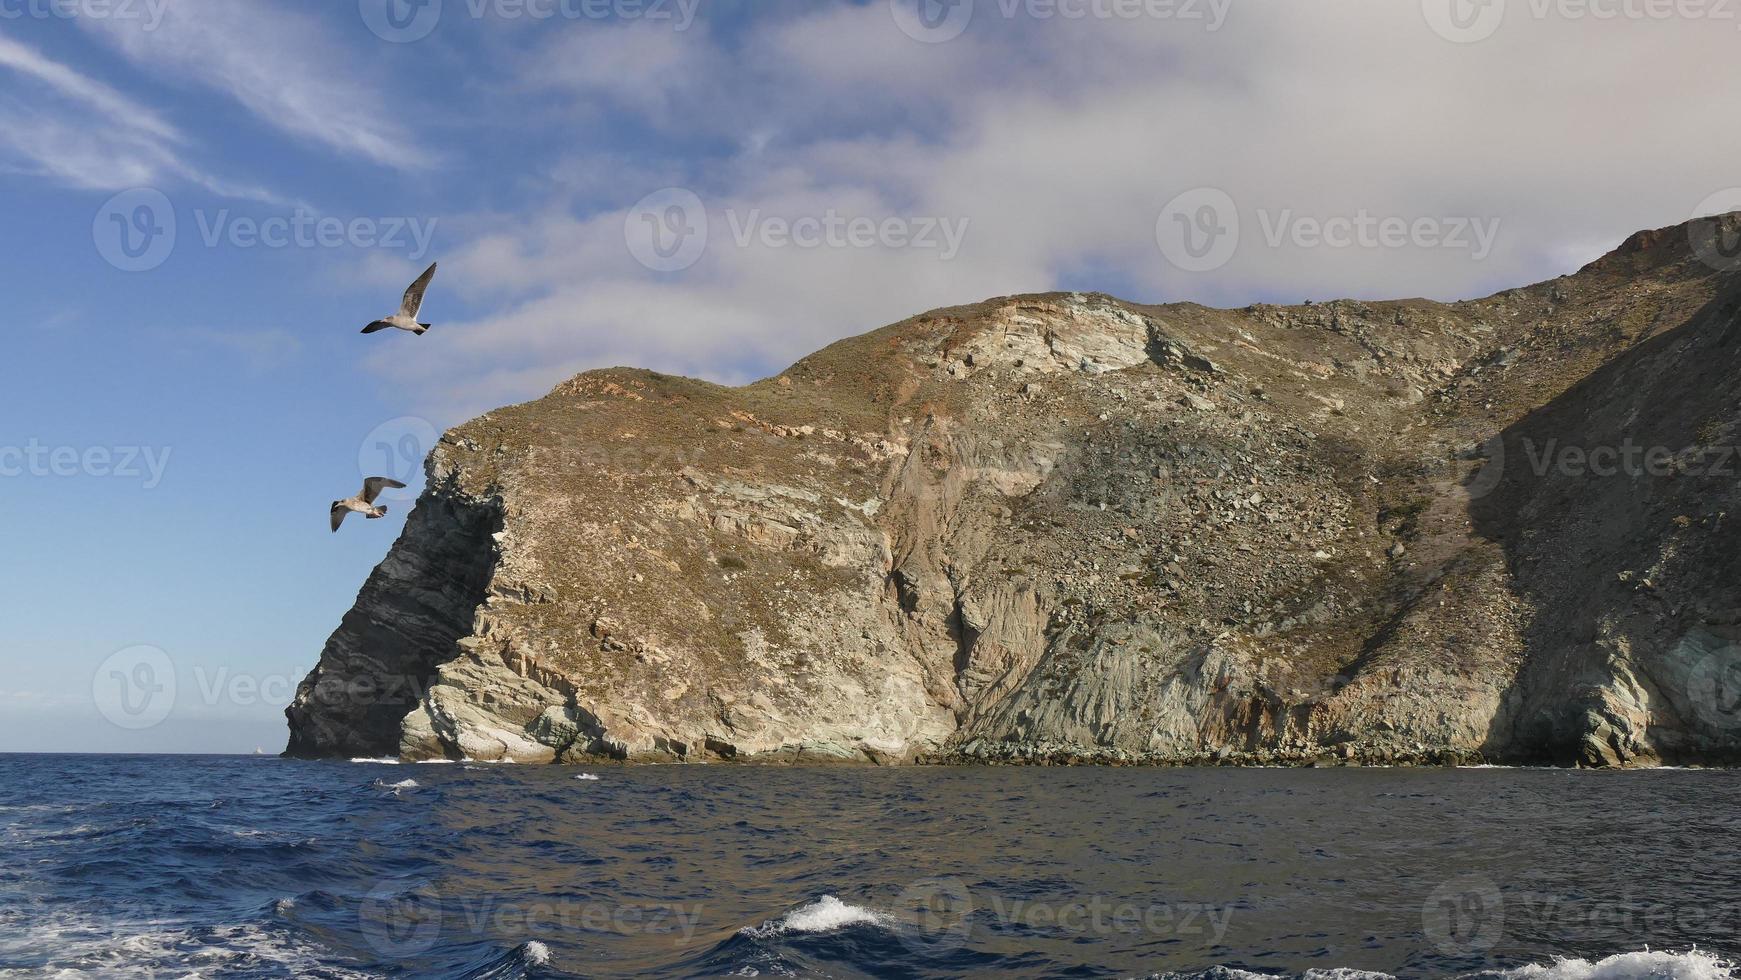 catus bay lato ovest dell'isola di catalina. foto